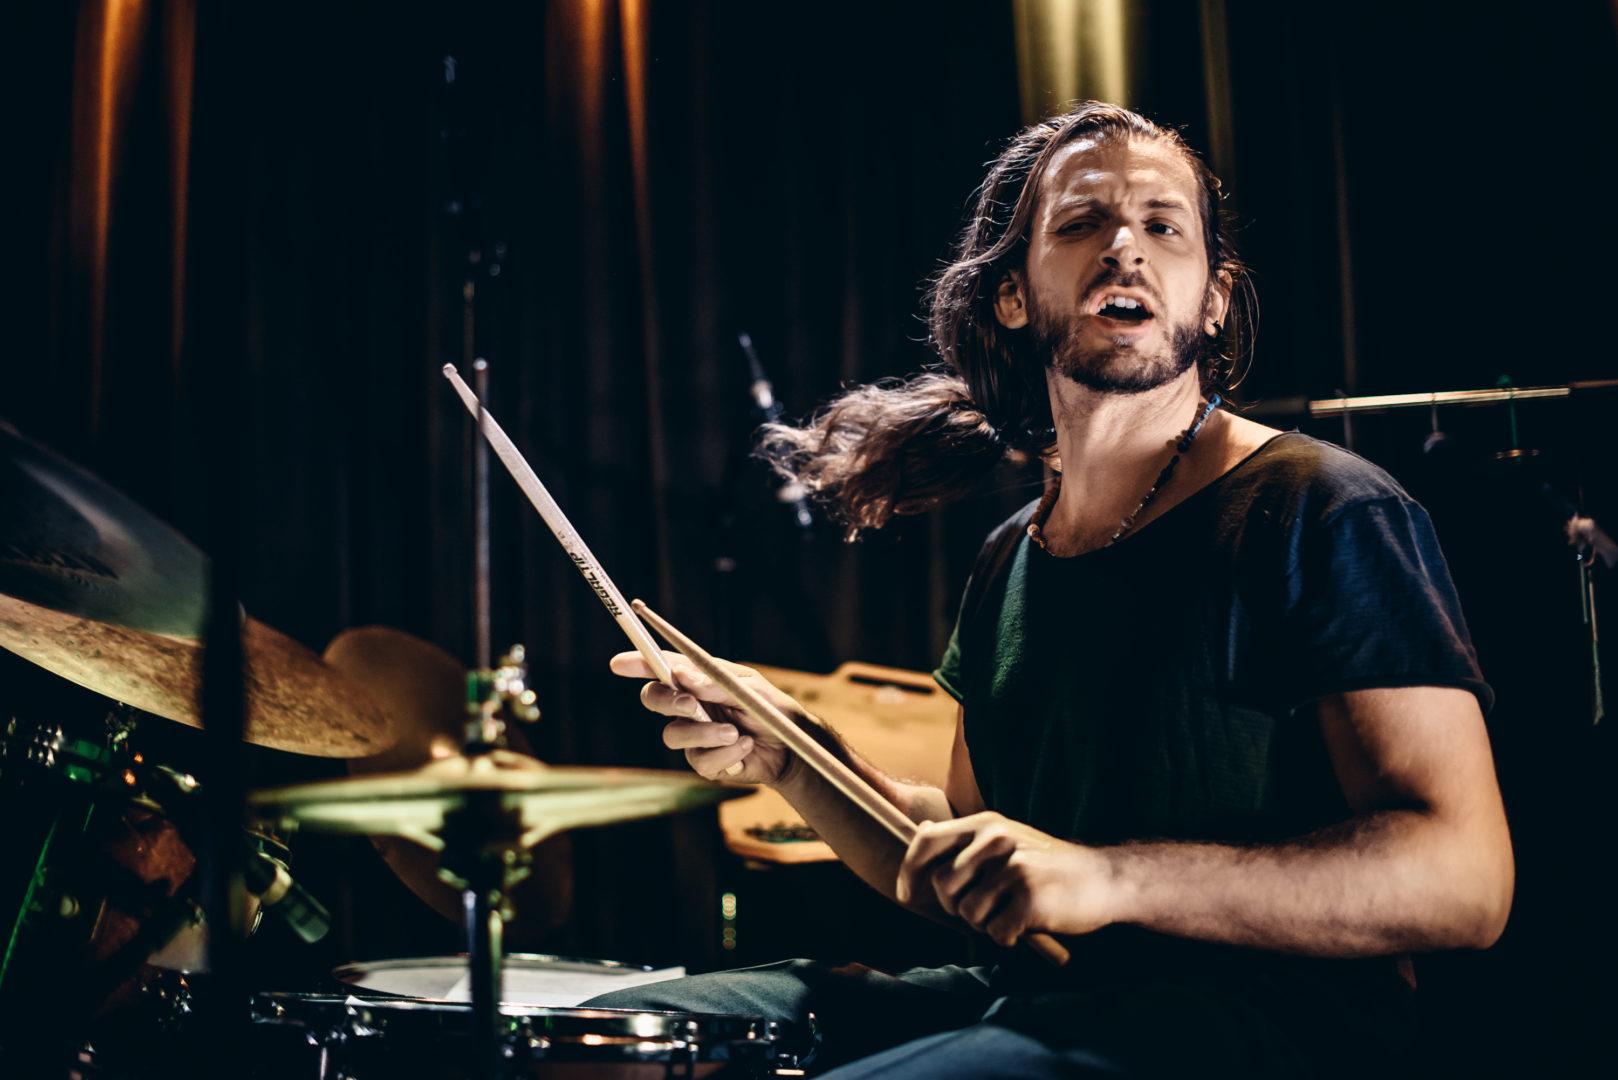 Resonanzen Festival 2020: Interview mit dem Drummer und Perkussionisten Bodek Janke